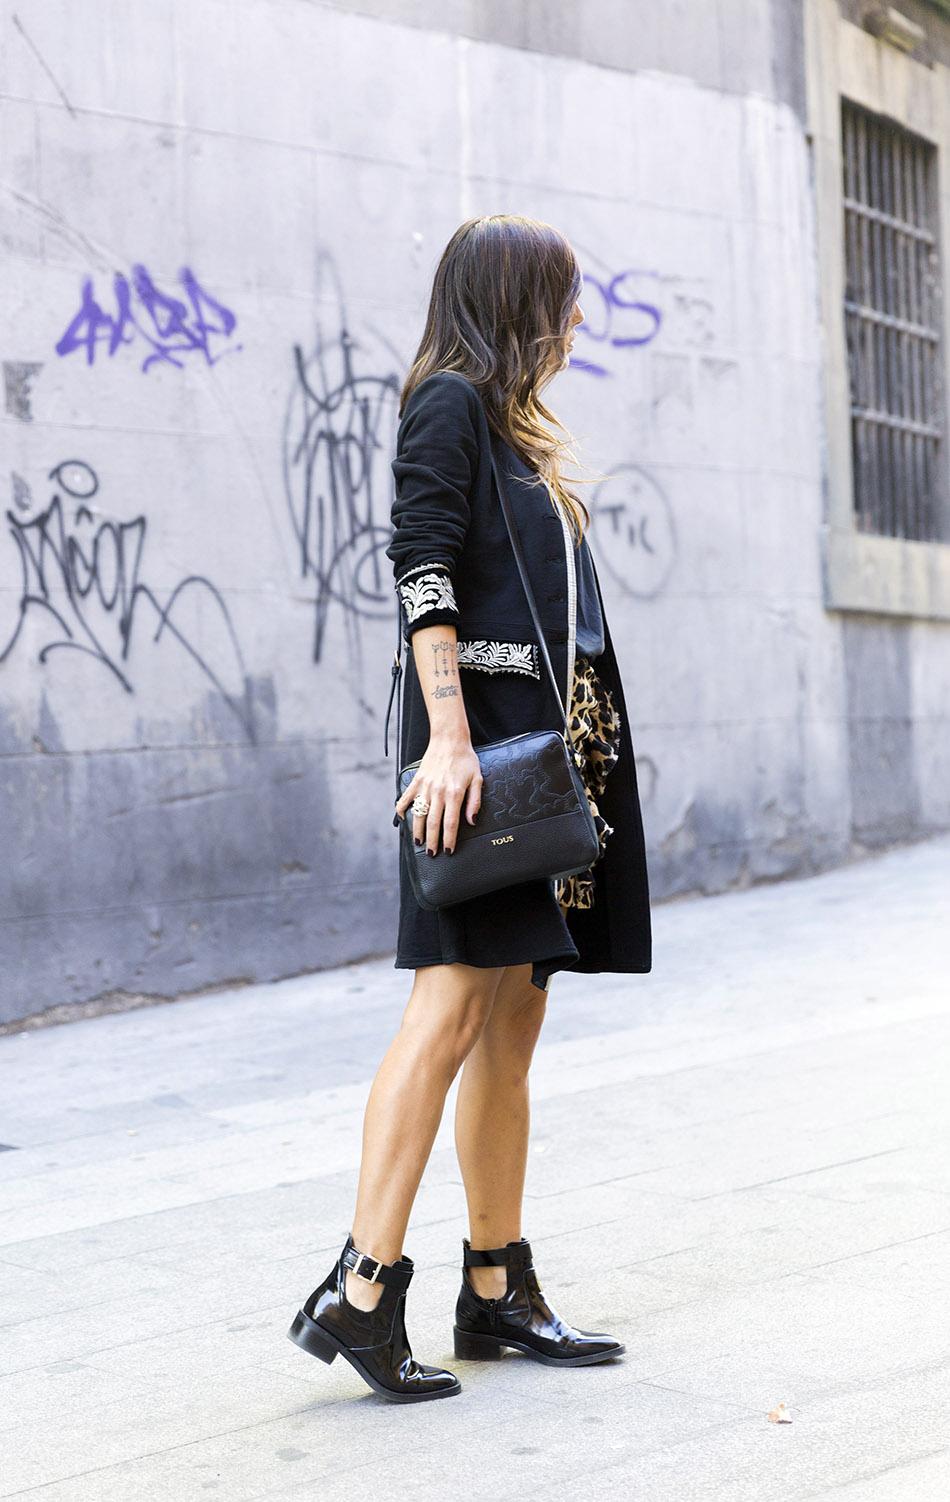 look de street style con levita de estilo militar u officer band, camiseta básica negra, falda mini de estampado animal, botines negros con hebilla y bolso al hombro de Tous